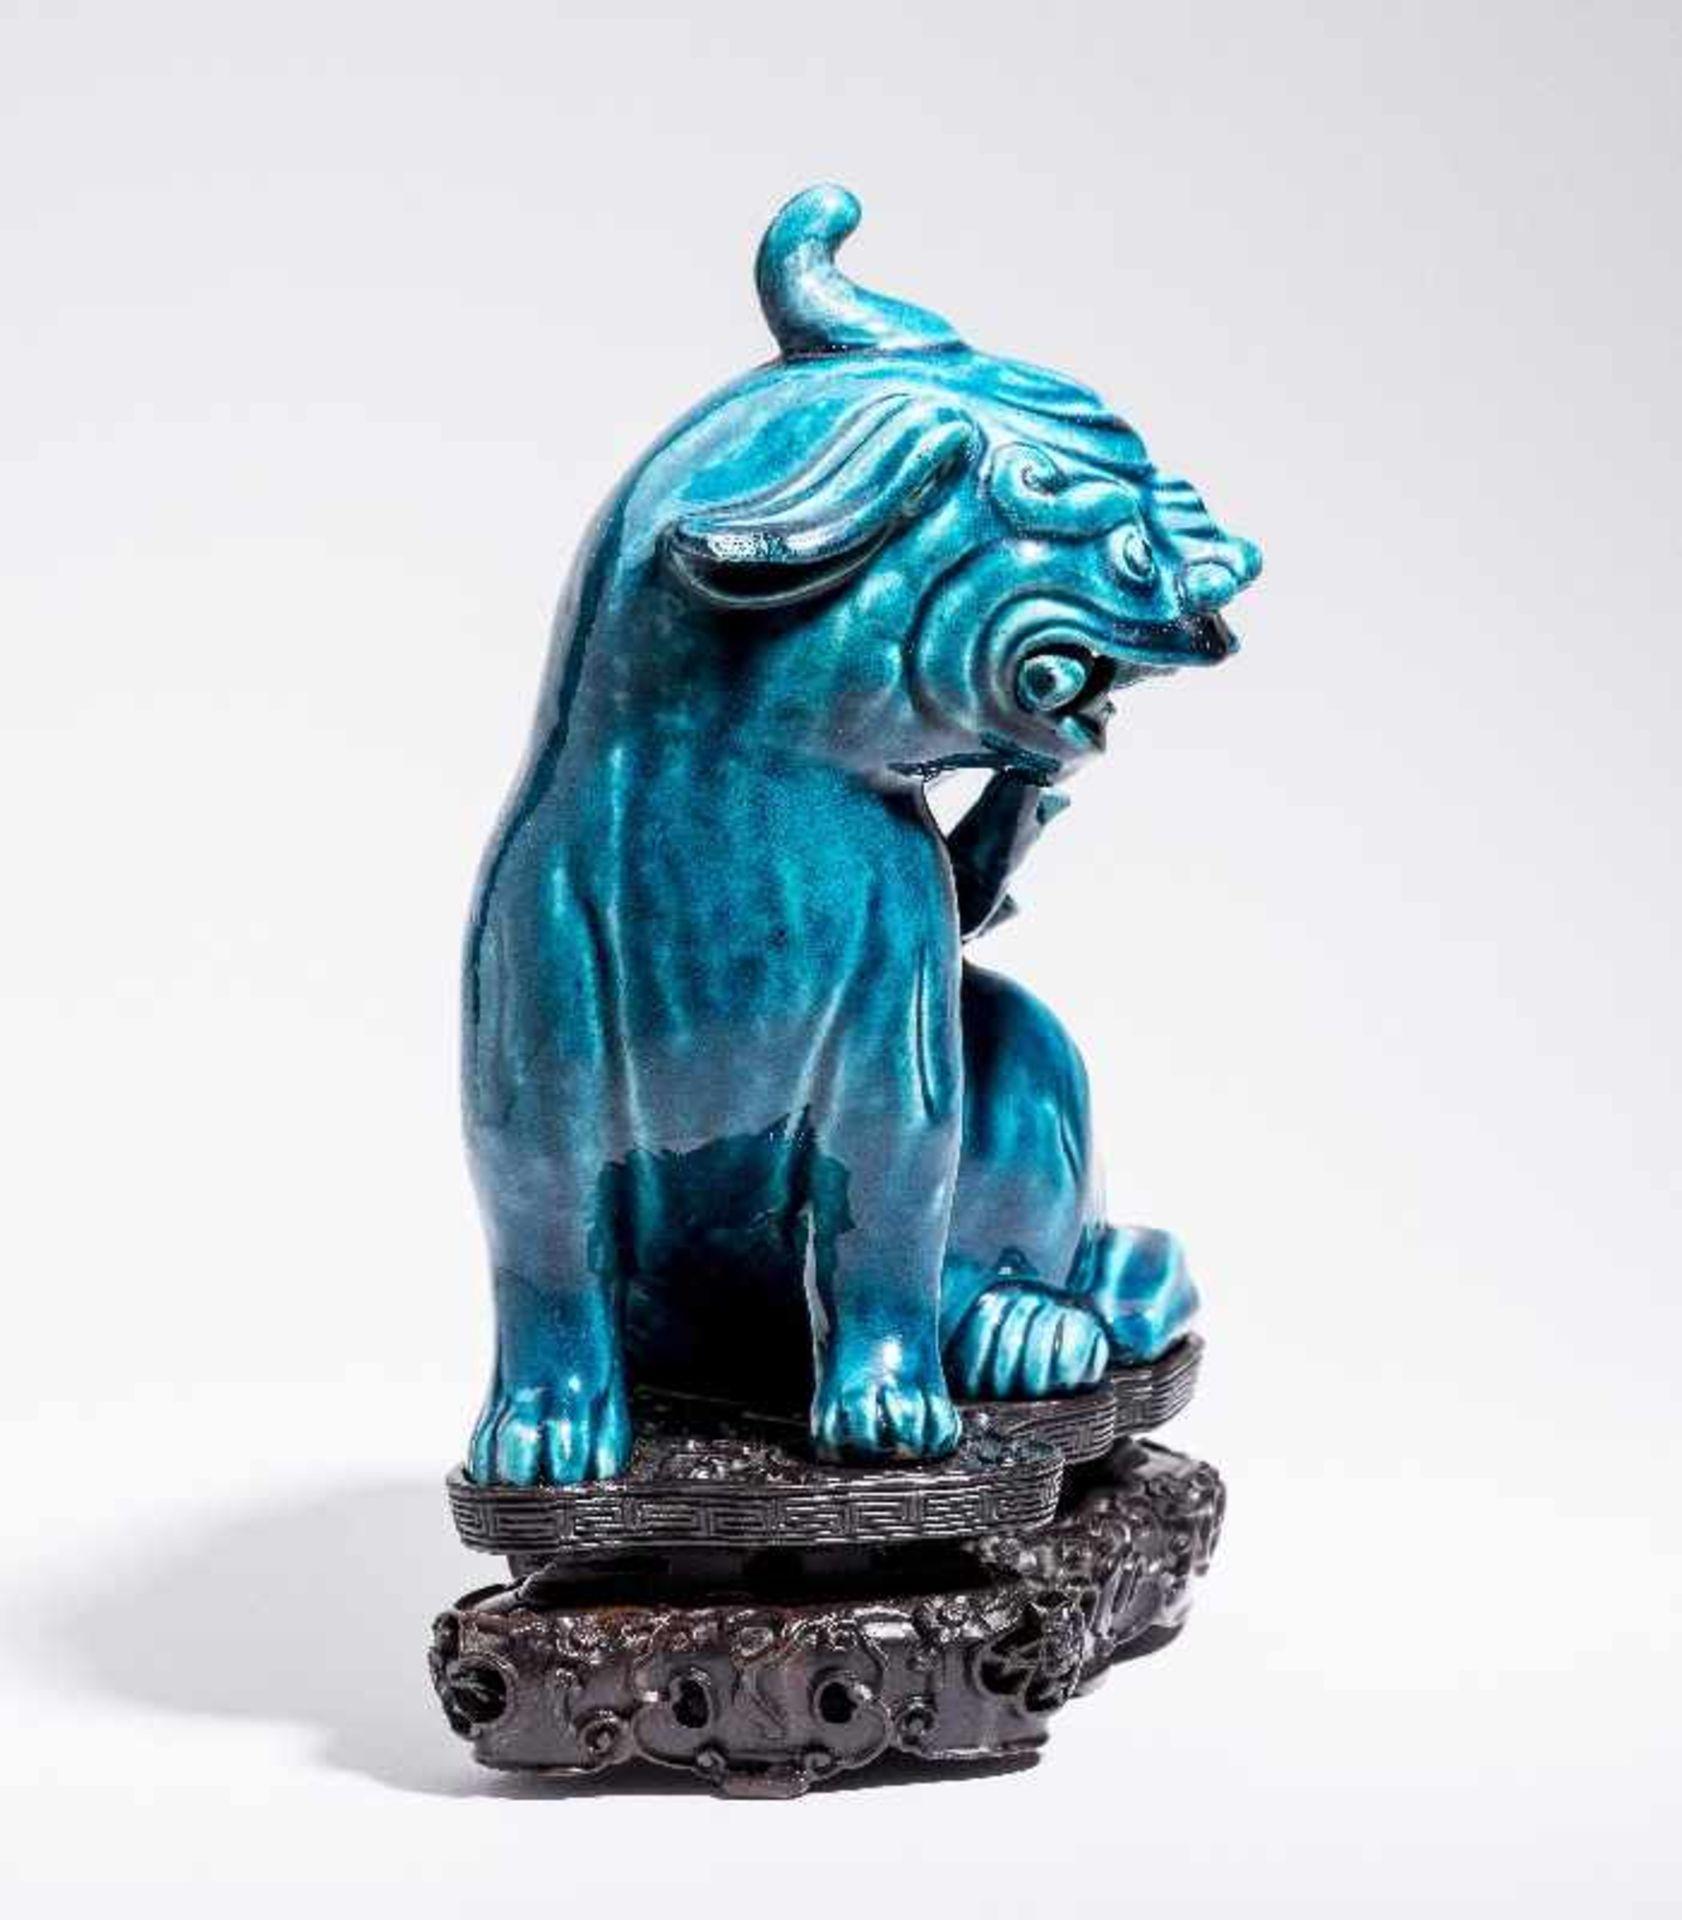 SITZENDES EINHORNPorzellan. China, Qing-Dynastie, 18. Jh. An dieser Porzellanskulptur des - Image 3 of 7